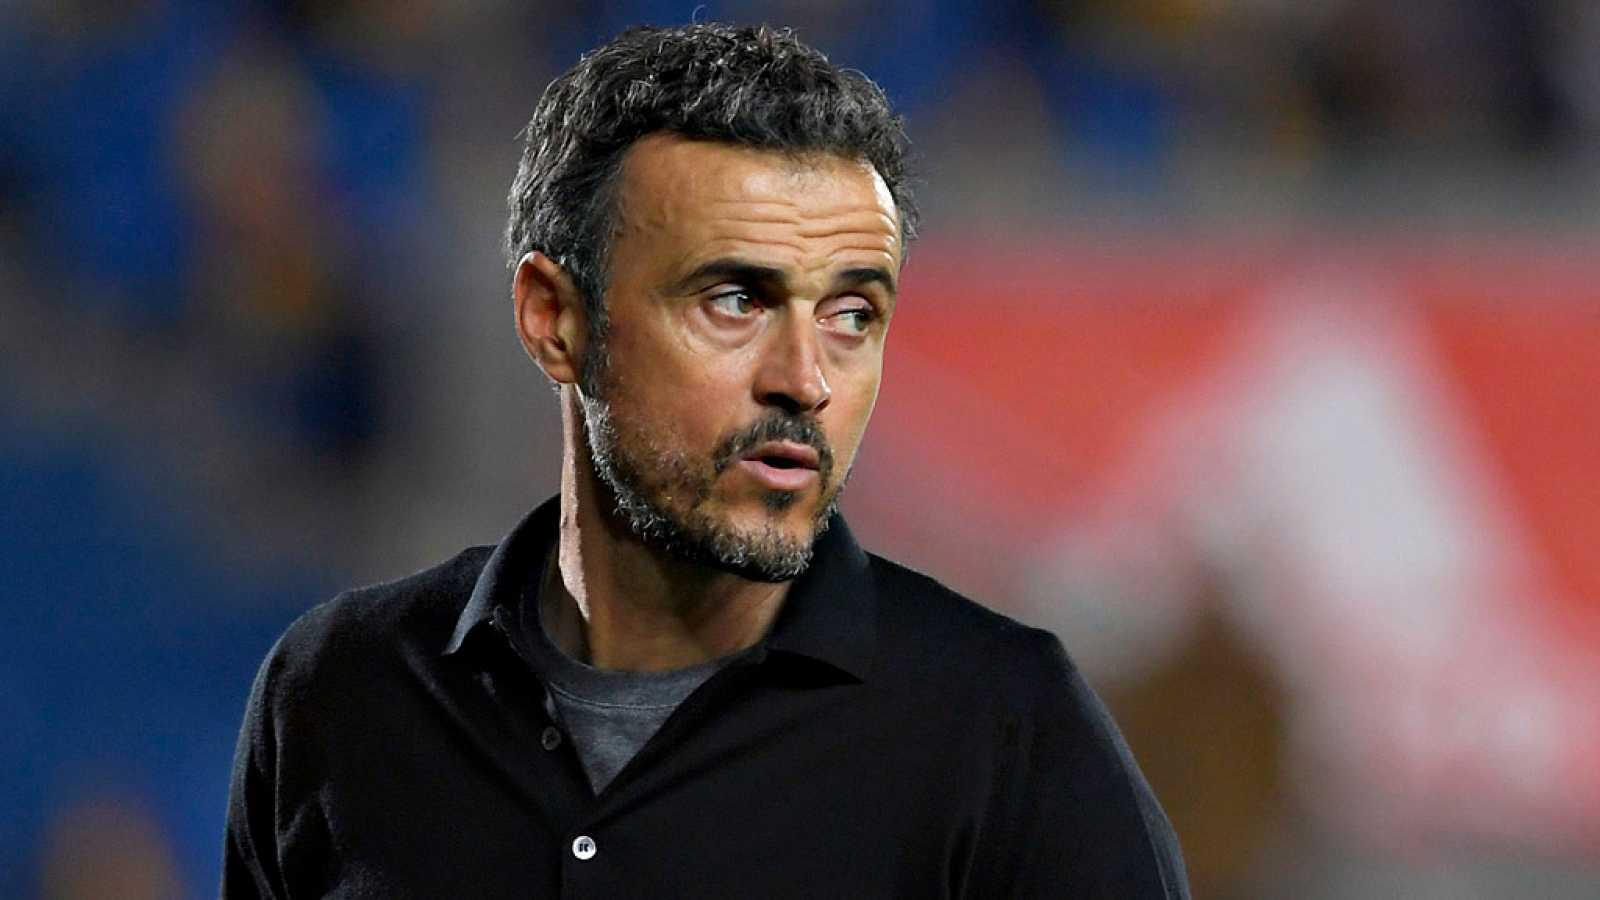 Luis Rubiales, presidente de la Real Federación Española de Fútbol (RFEF), ofreció un relato cronológico de los hechos que han acabado con el regreso de Luis Enrique Martínez al cargo de seleccionador y la salida de Robert Moreno.